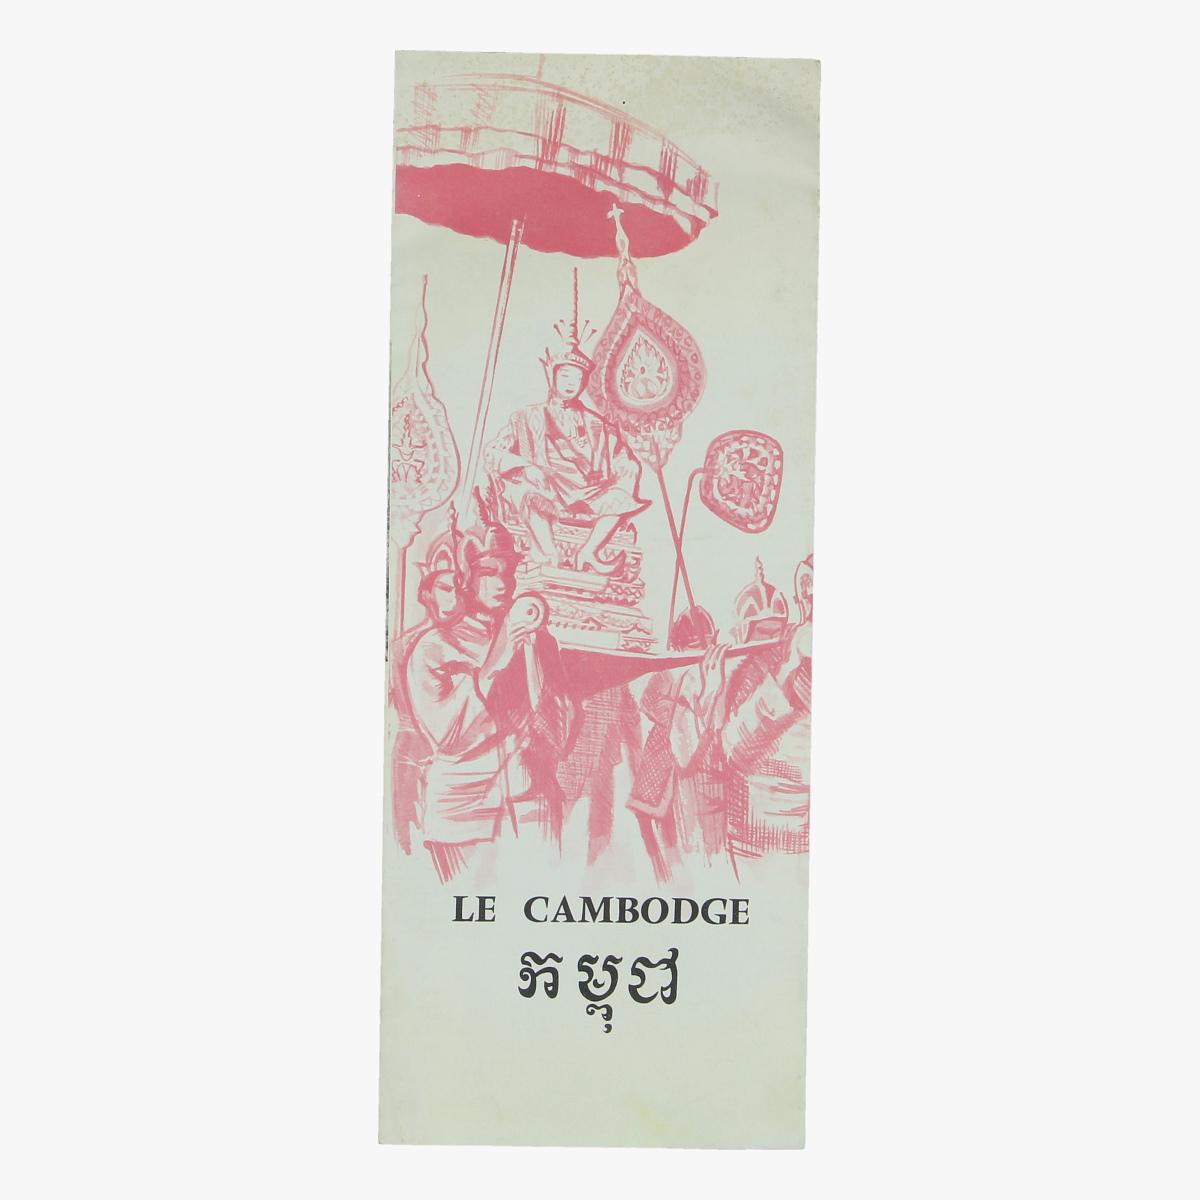 Afbeeldingen van expo 58 le pavillon du combodge a l' exposition de bruxelles